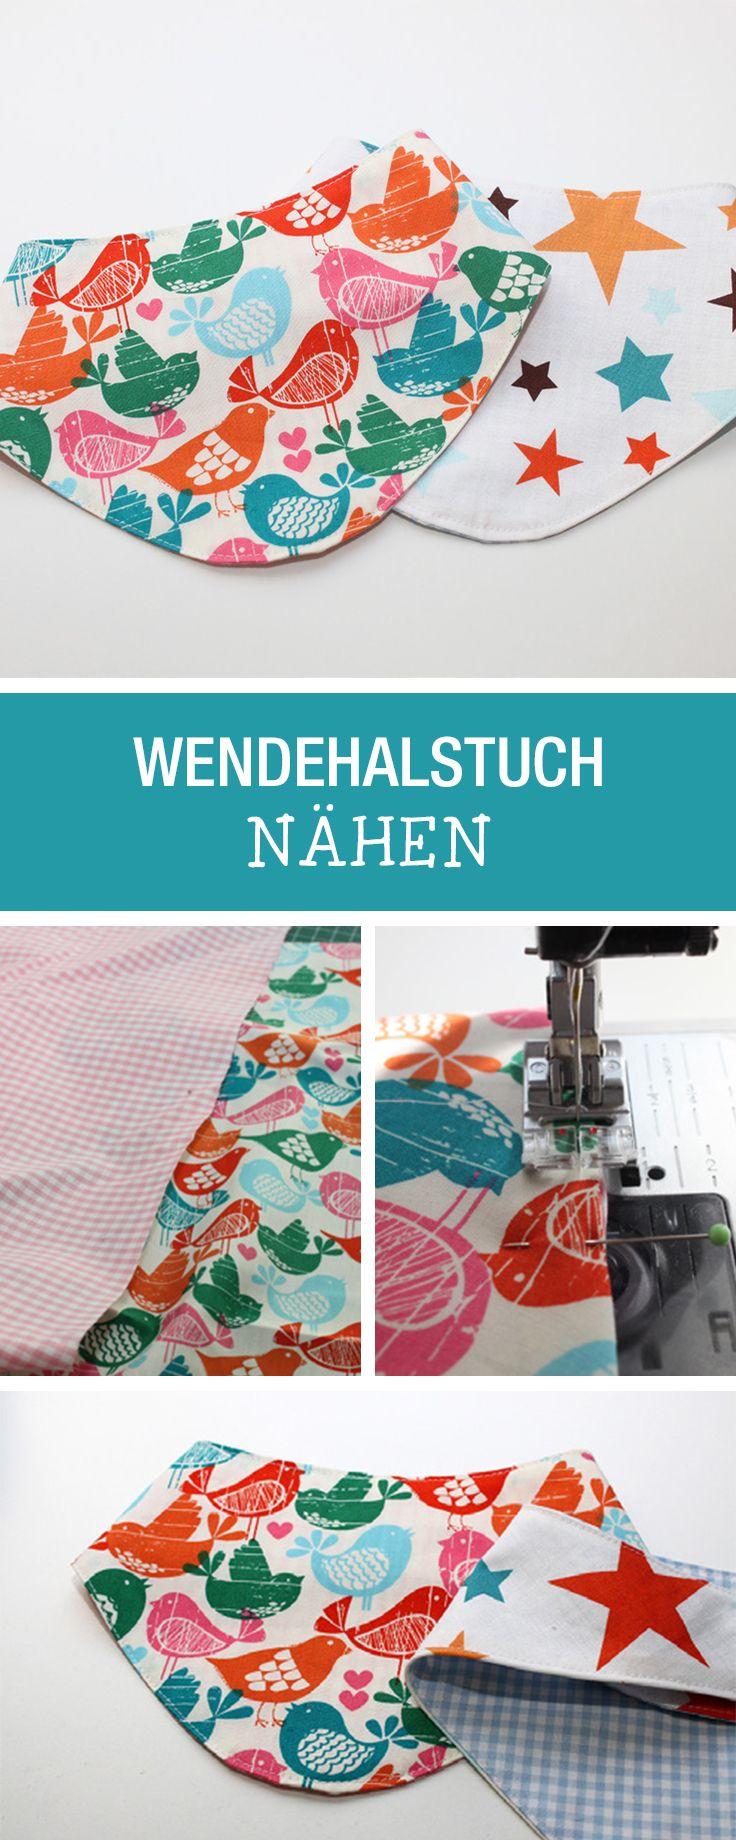 Nähanleitung für ein niedliches Wendehalstuch / diy sewing tutorial: how to sew a scarf for kids via DaWanda.com